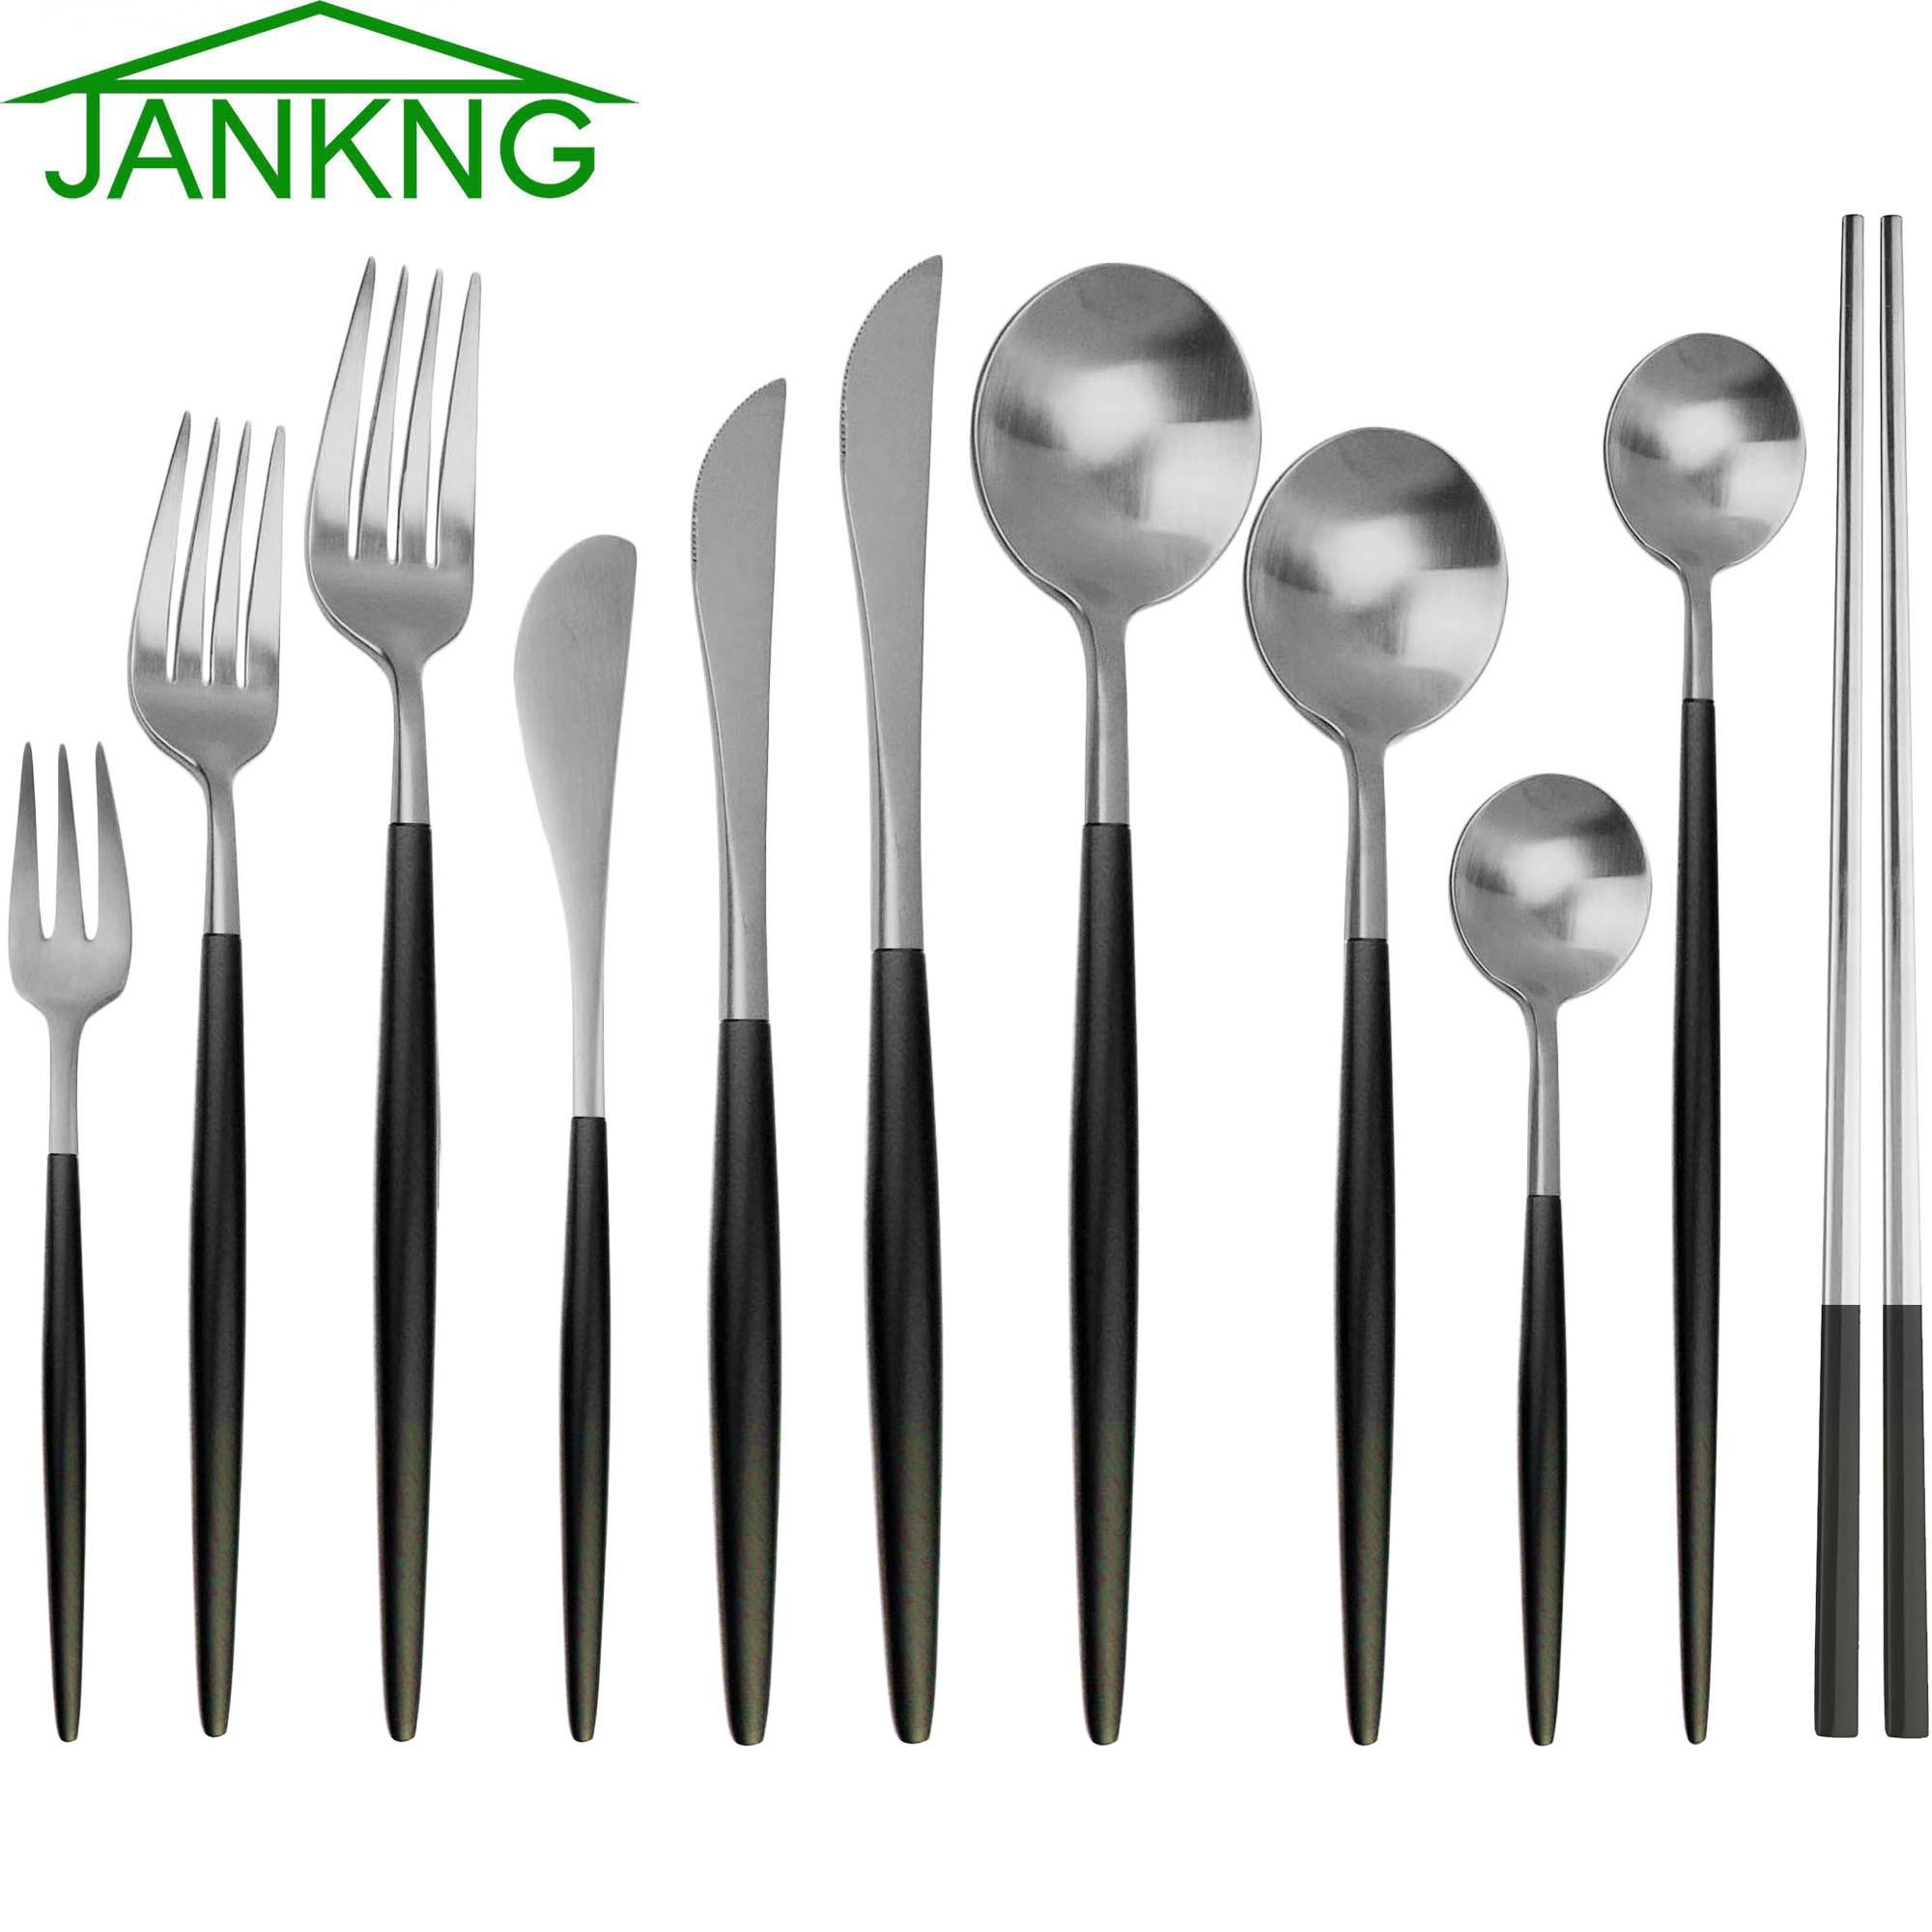 Prata preto Conjunto de Talheres 18/10 Dinnerware Set Bife Faca de Aço Inoxidável Garfo Pauzinhos Colher De Chá Partido Cozinha Comida Talheres